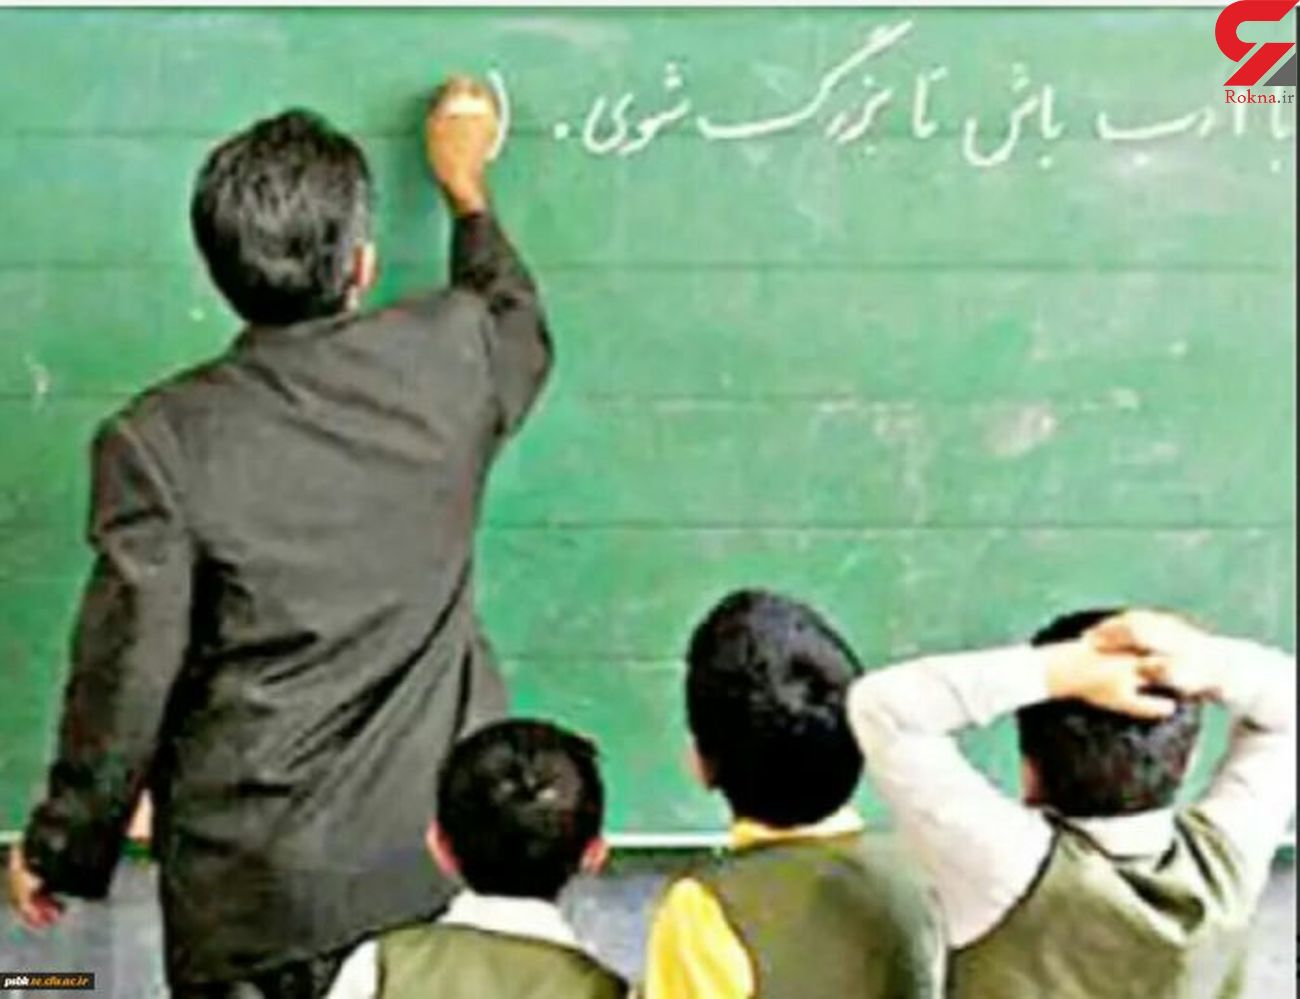 ماجرای ۷ برابر شدن حقوق معلمان در دولت تدبیر